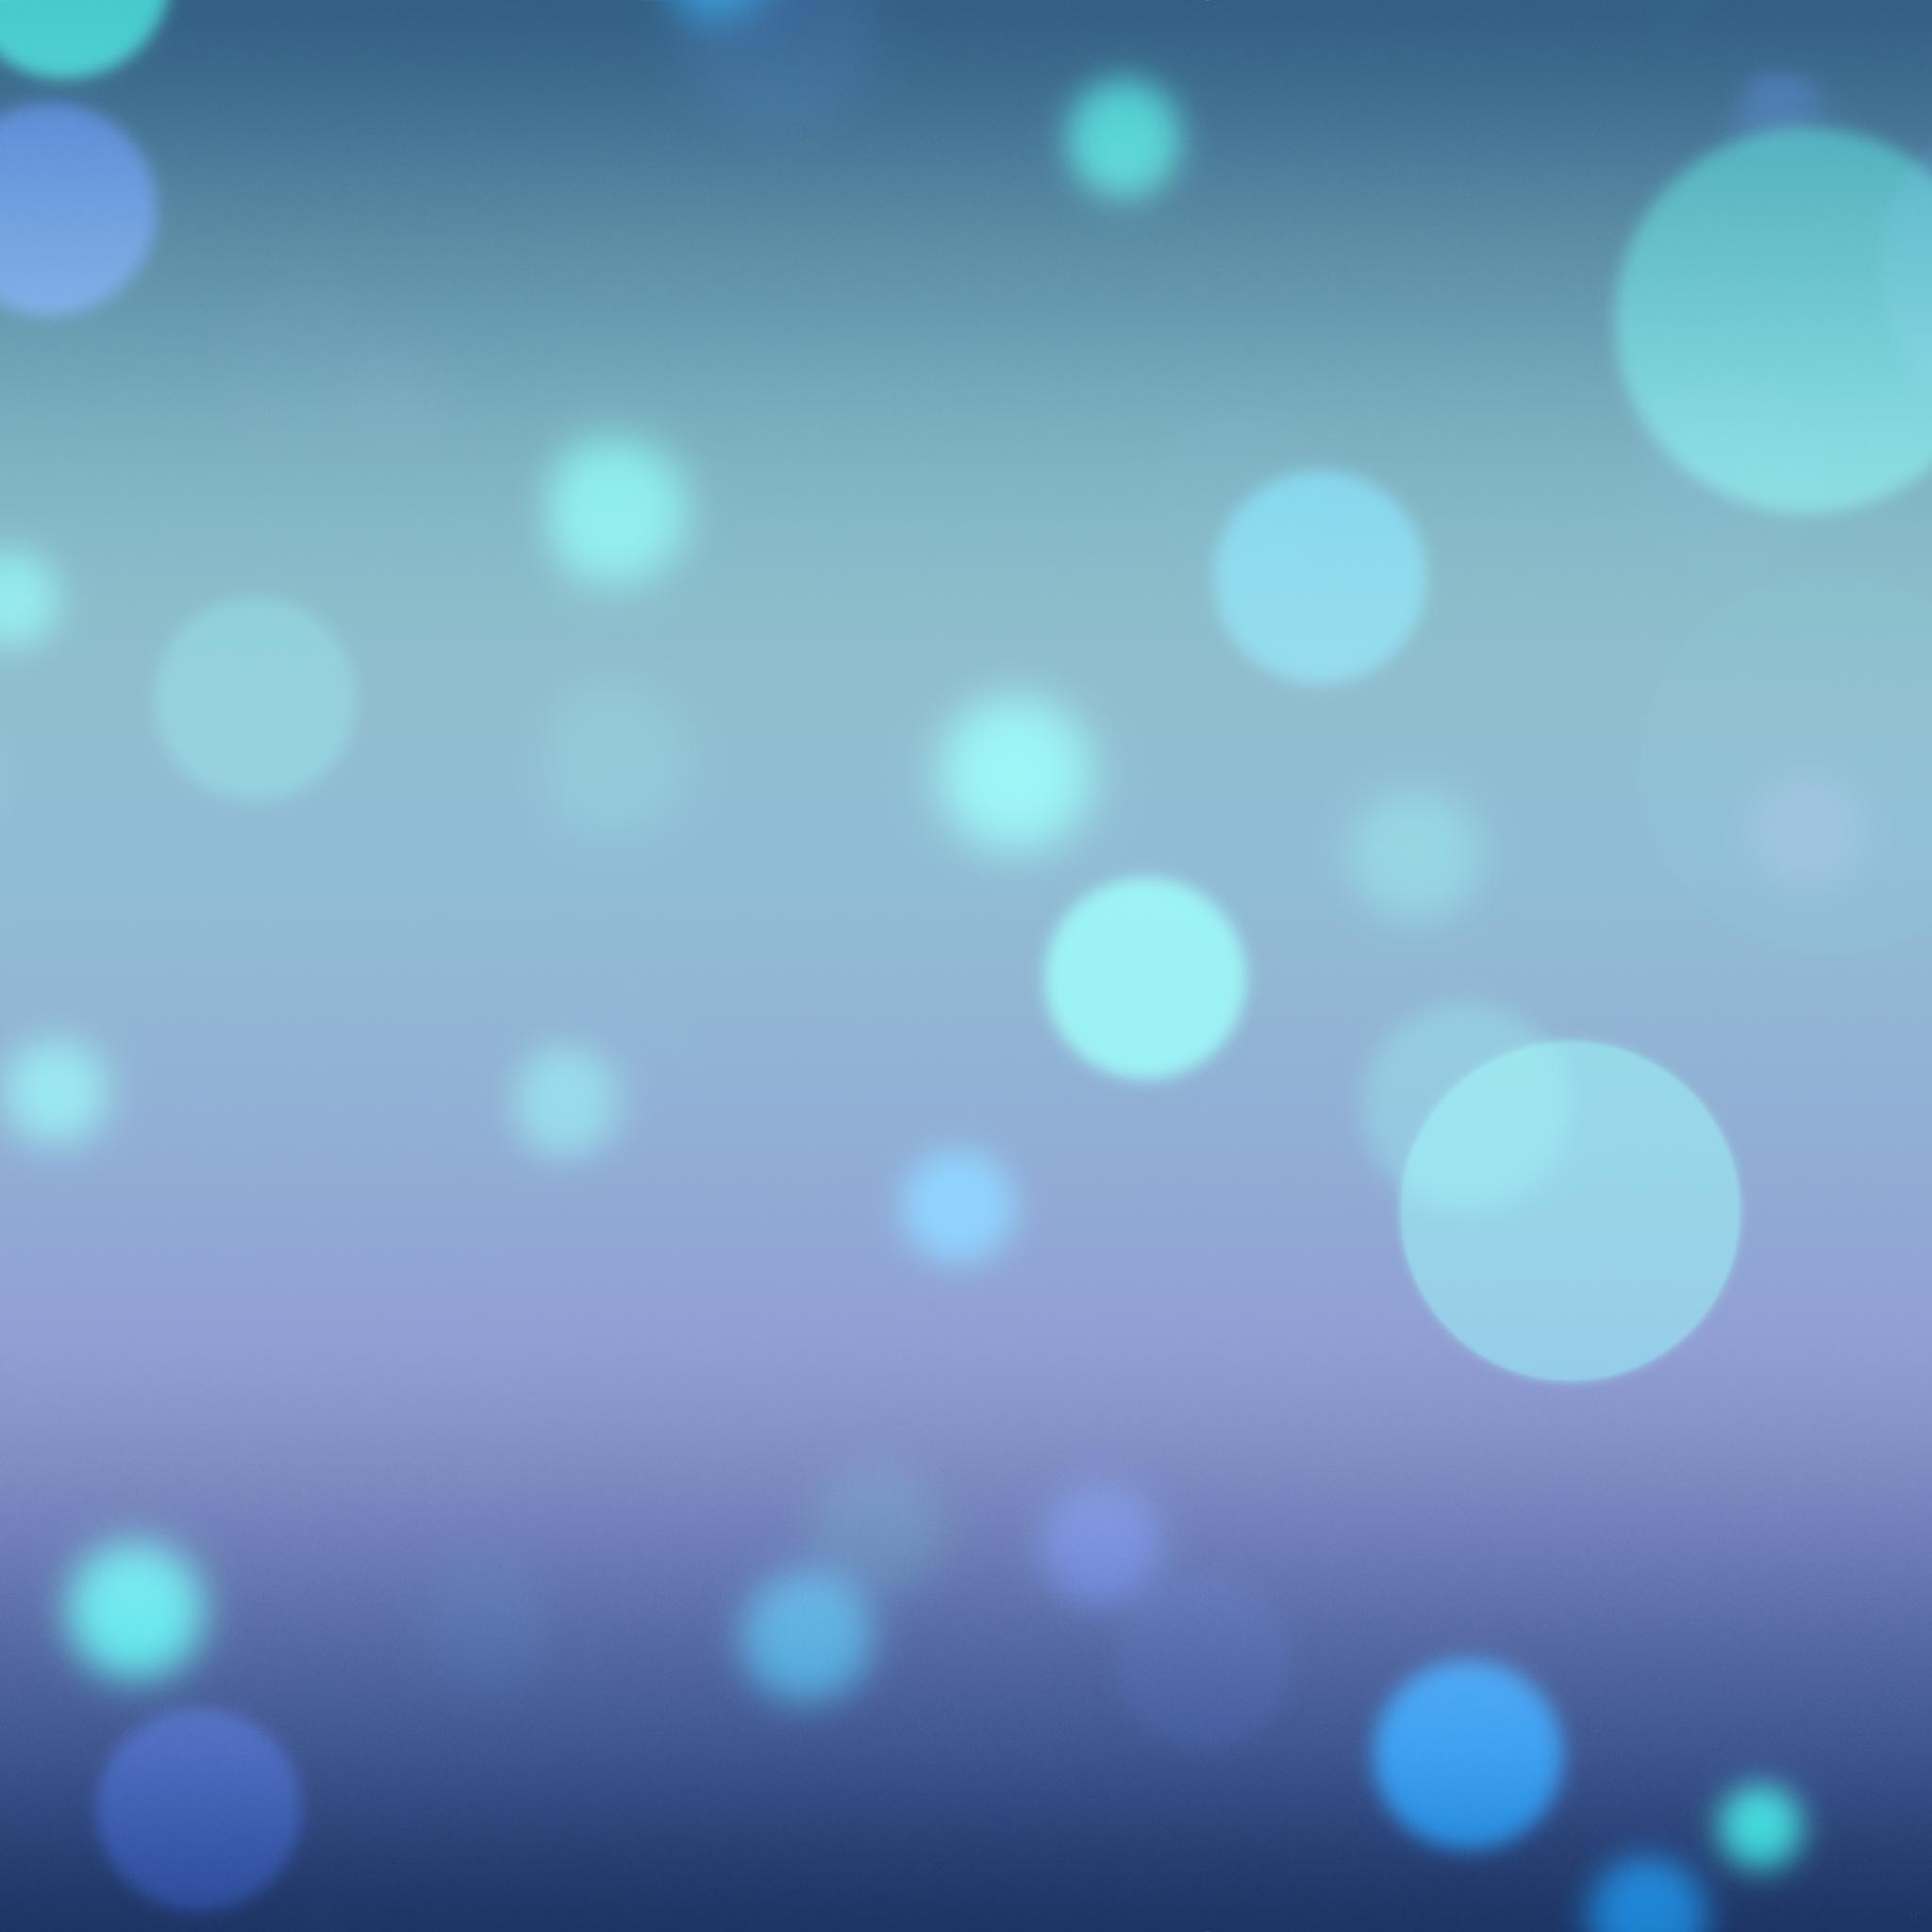 iOS 7 iPad Wallpaper 4